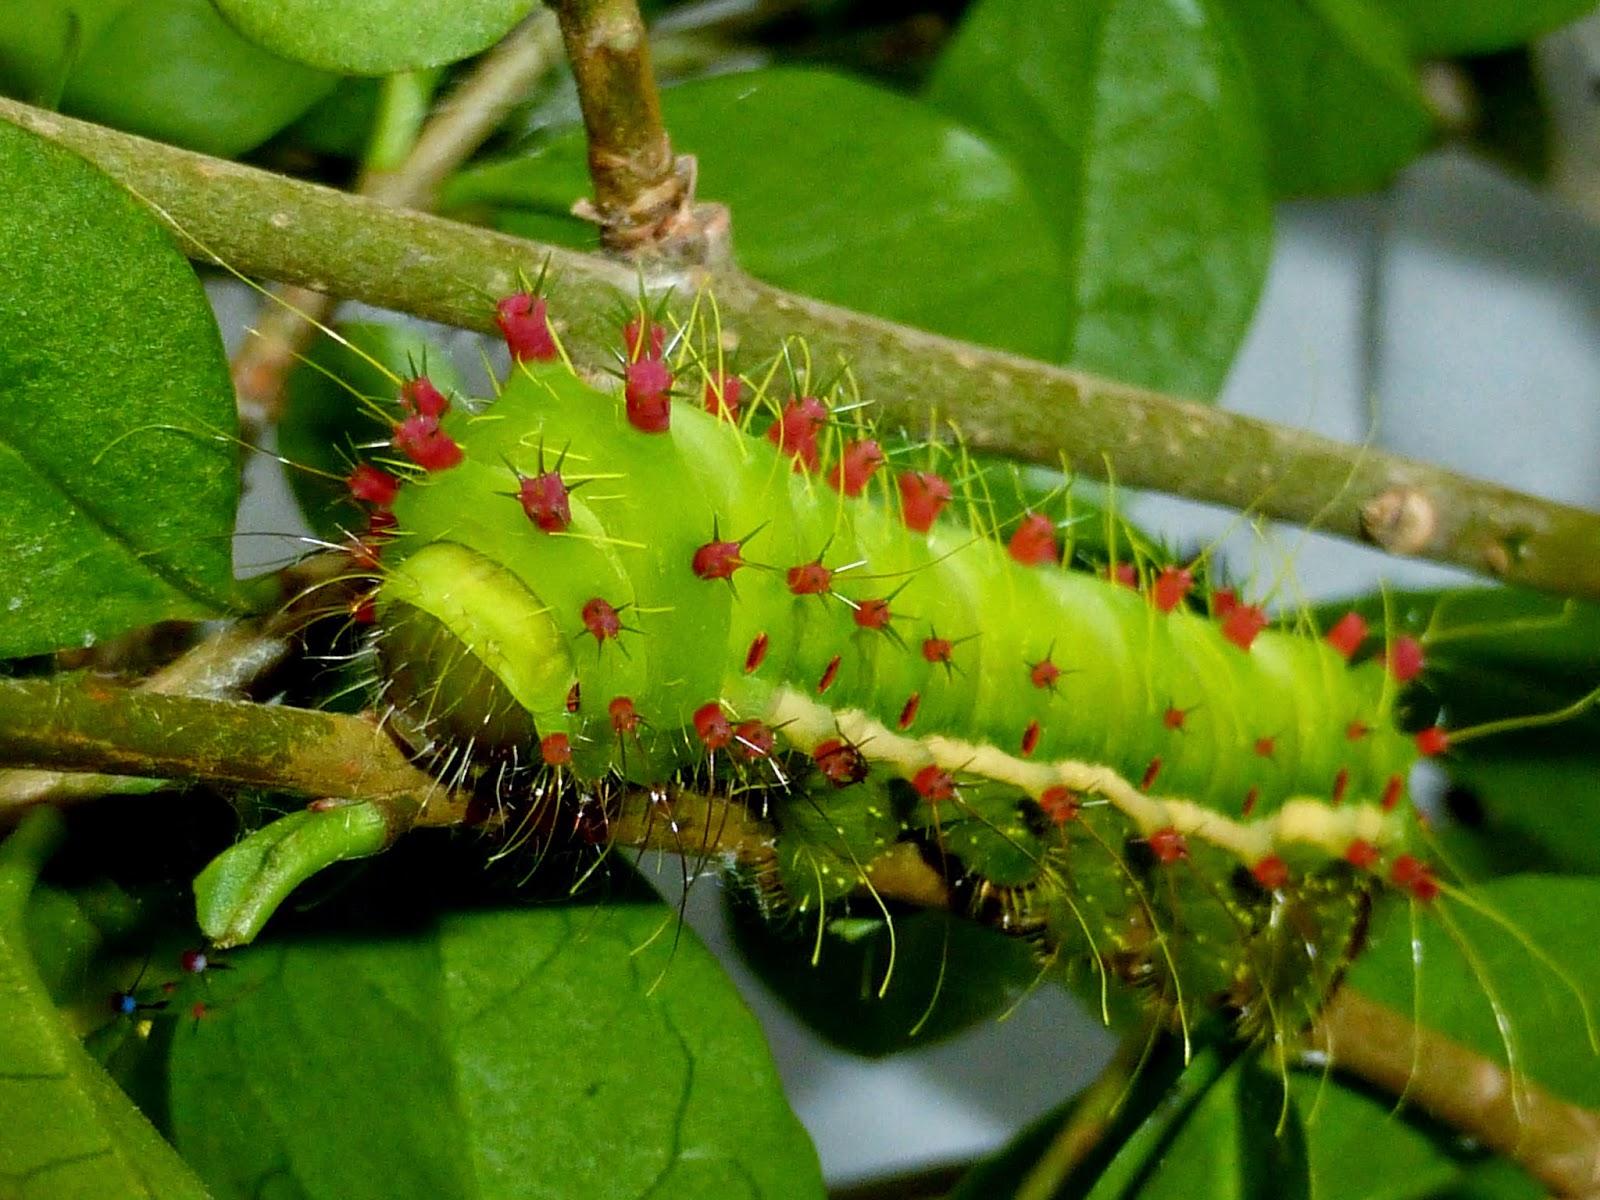 Syntherata escarlata caterpillar L5